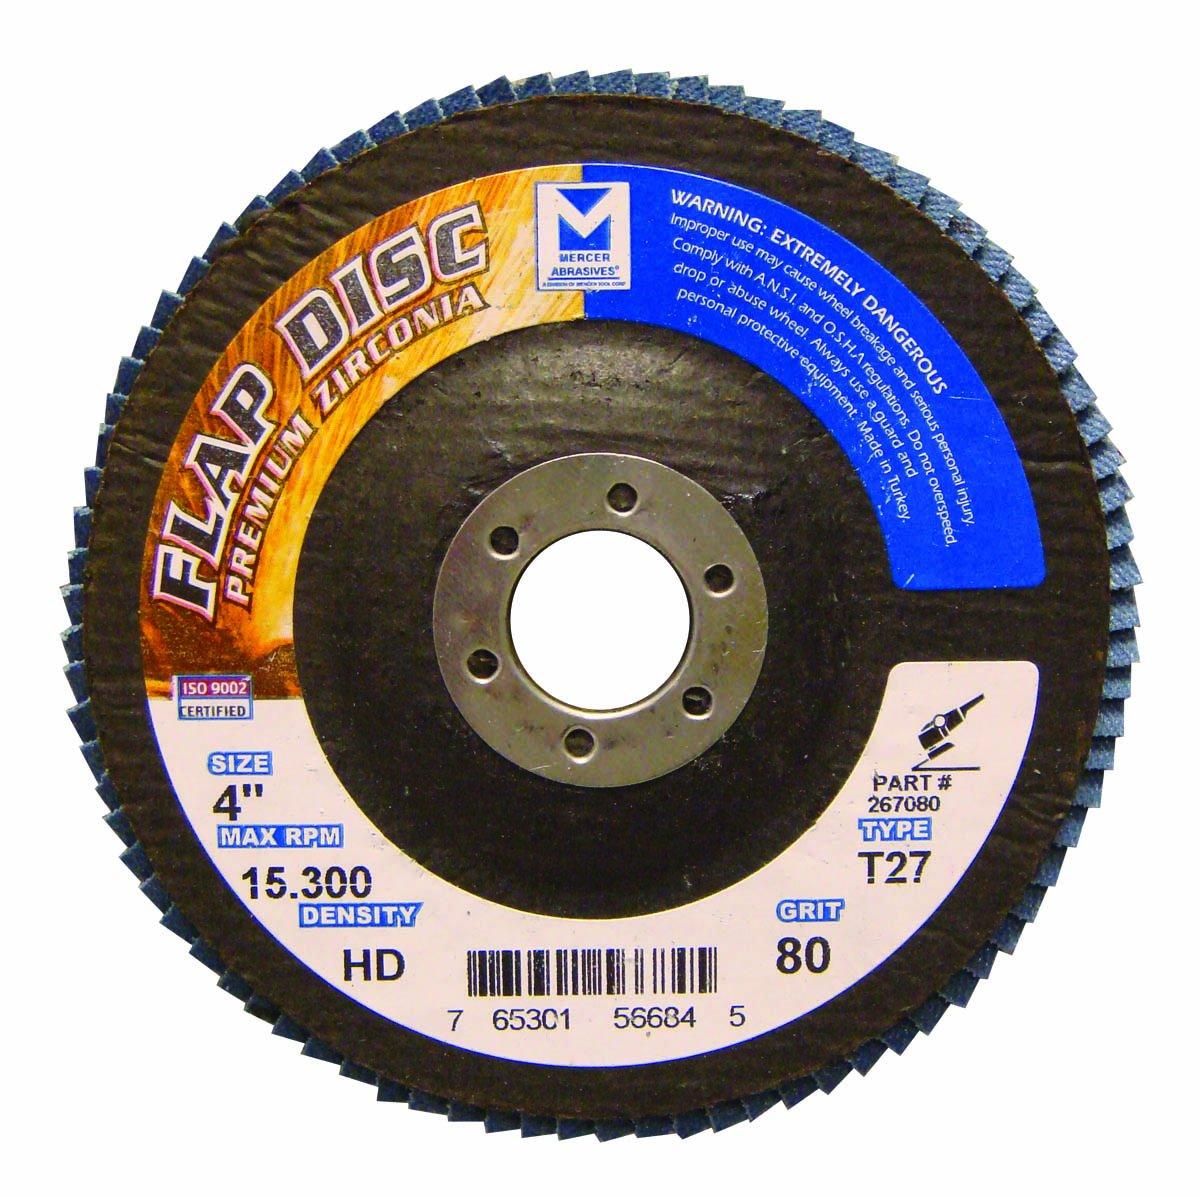 Mercer Industries 267080 Zirconia Flap Disc, High